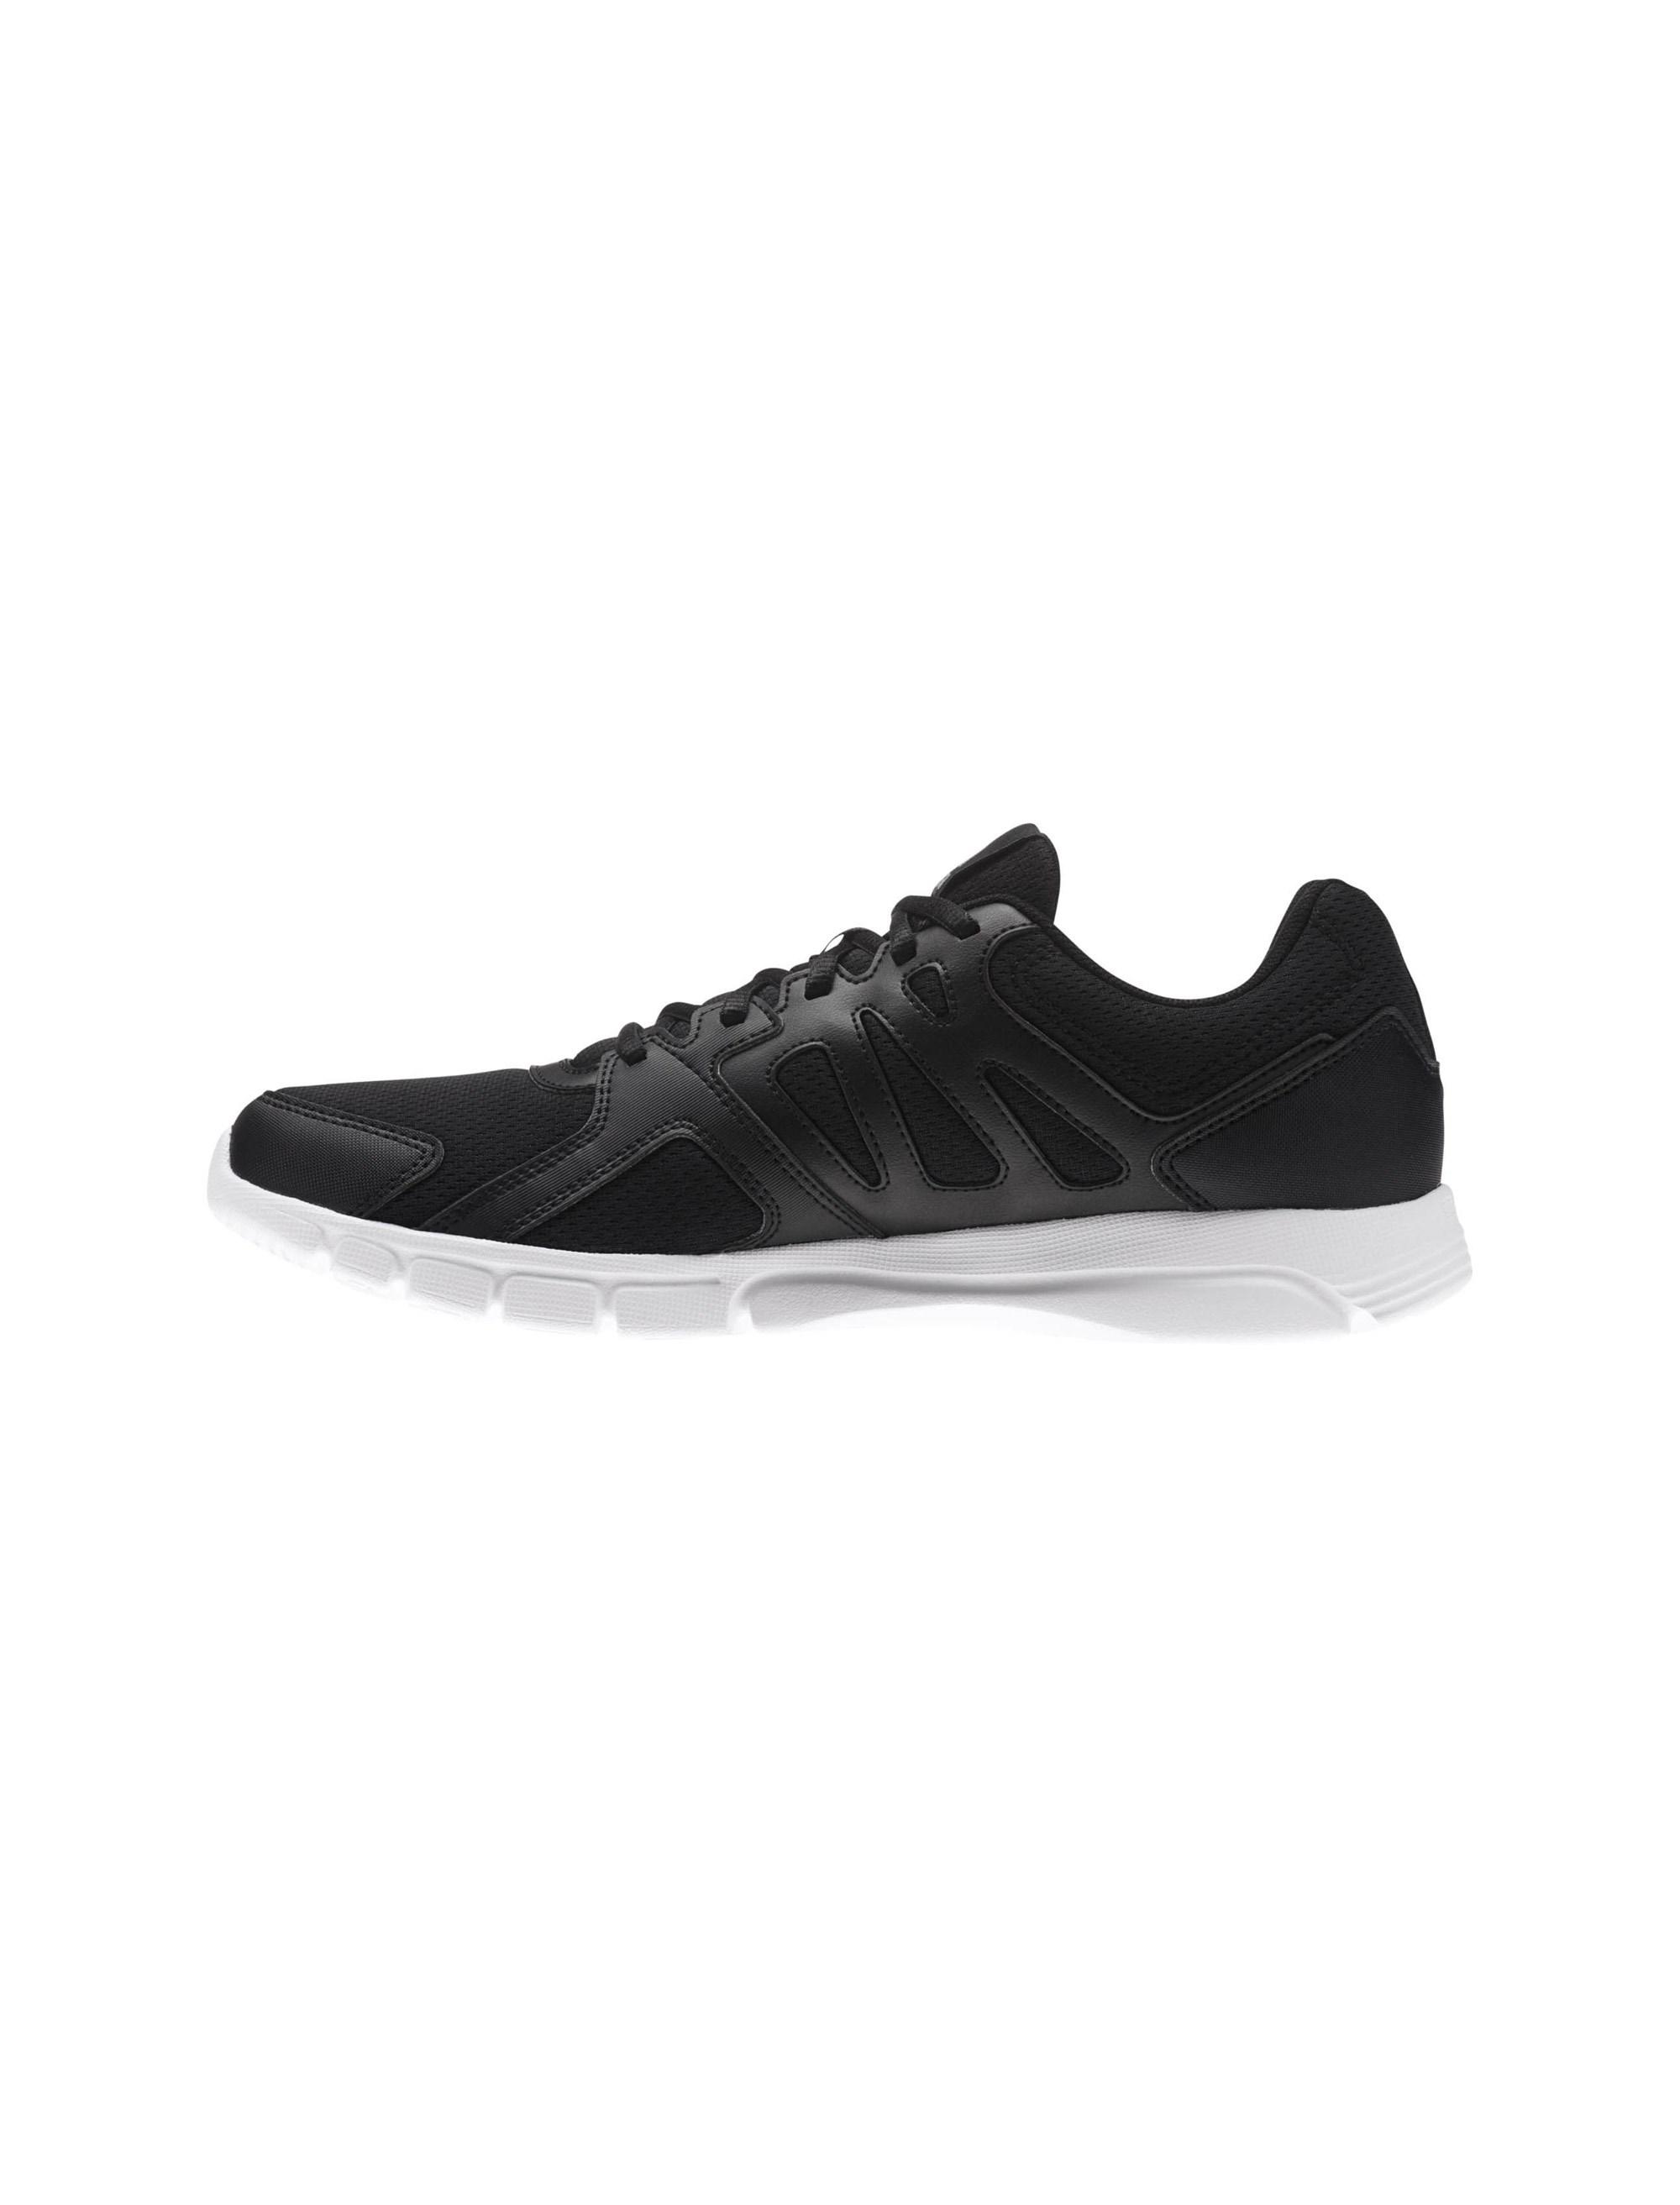 کفش تمرین بندی مردانه TRAINFUSION NINE 3.0 - مشکي - 4